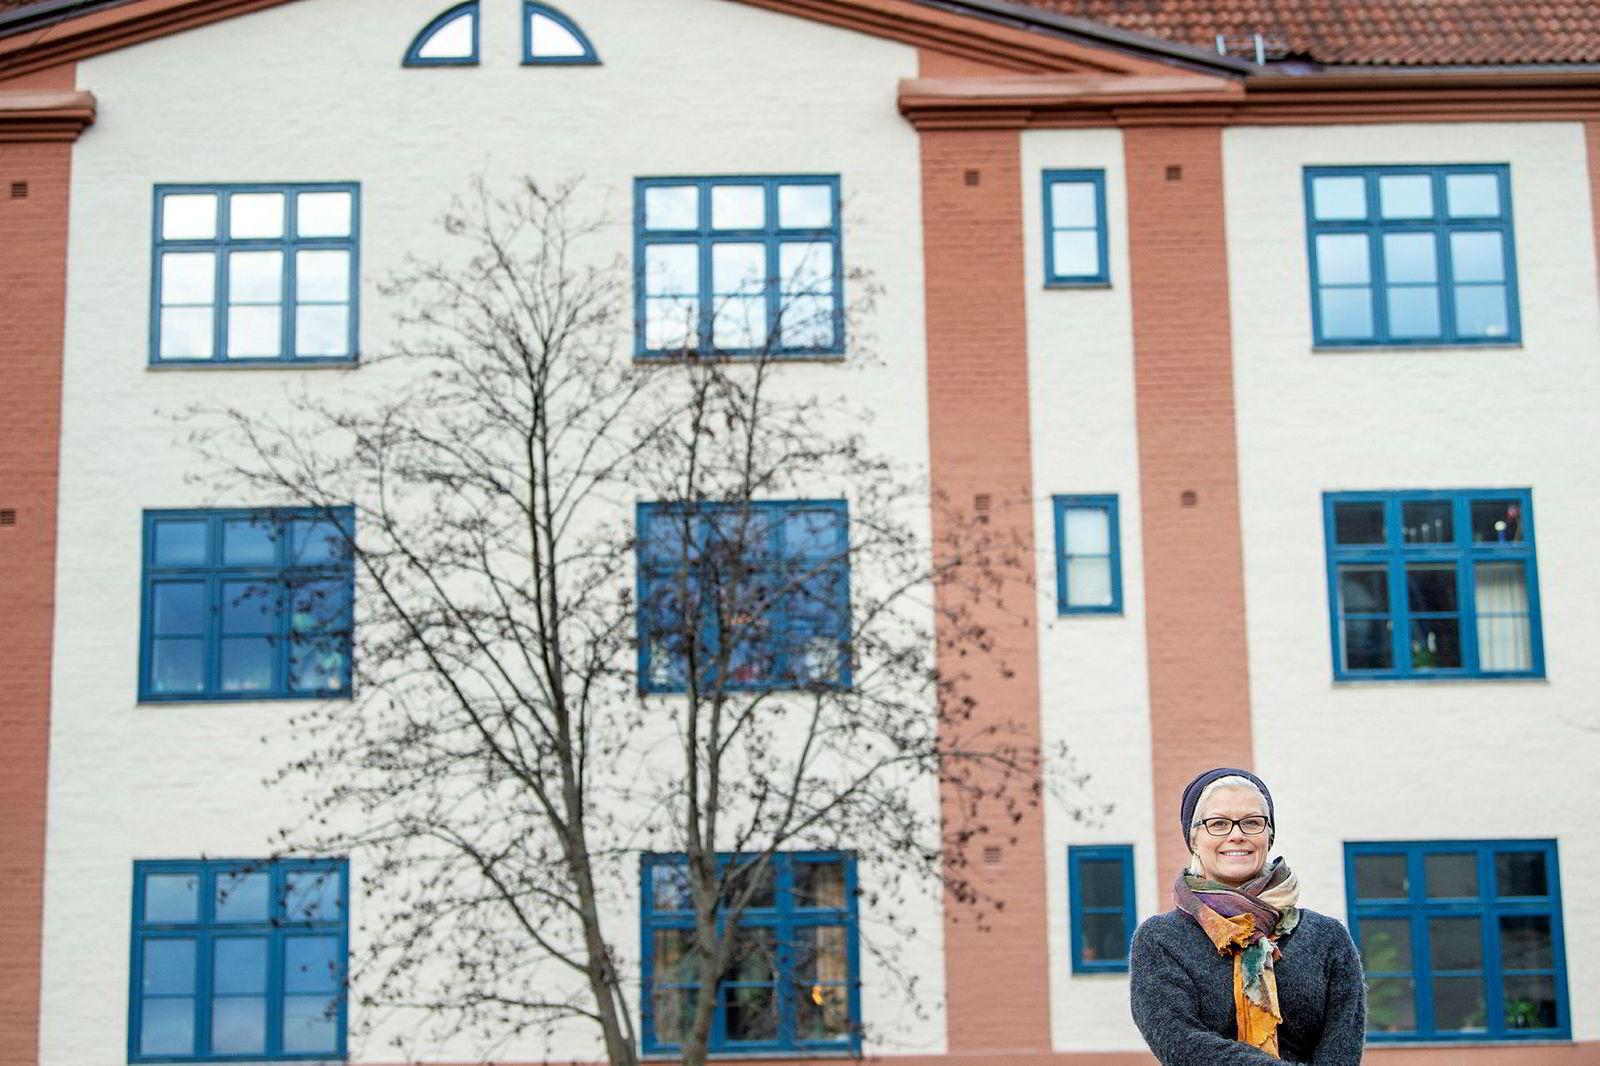 Iren Ulstein er fra Ulsteinvik, men har bodd på Torshov i Oslo de siste 30 årene. Hun mener nettleien burde være lik for alle.